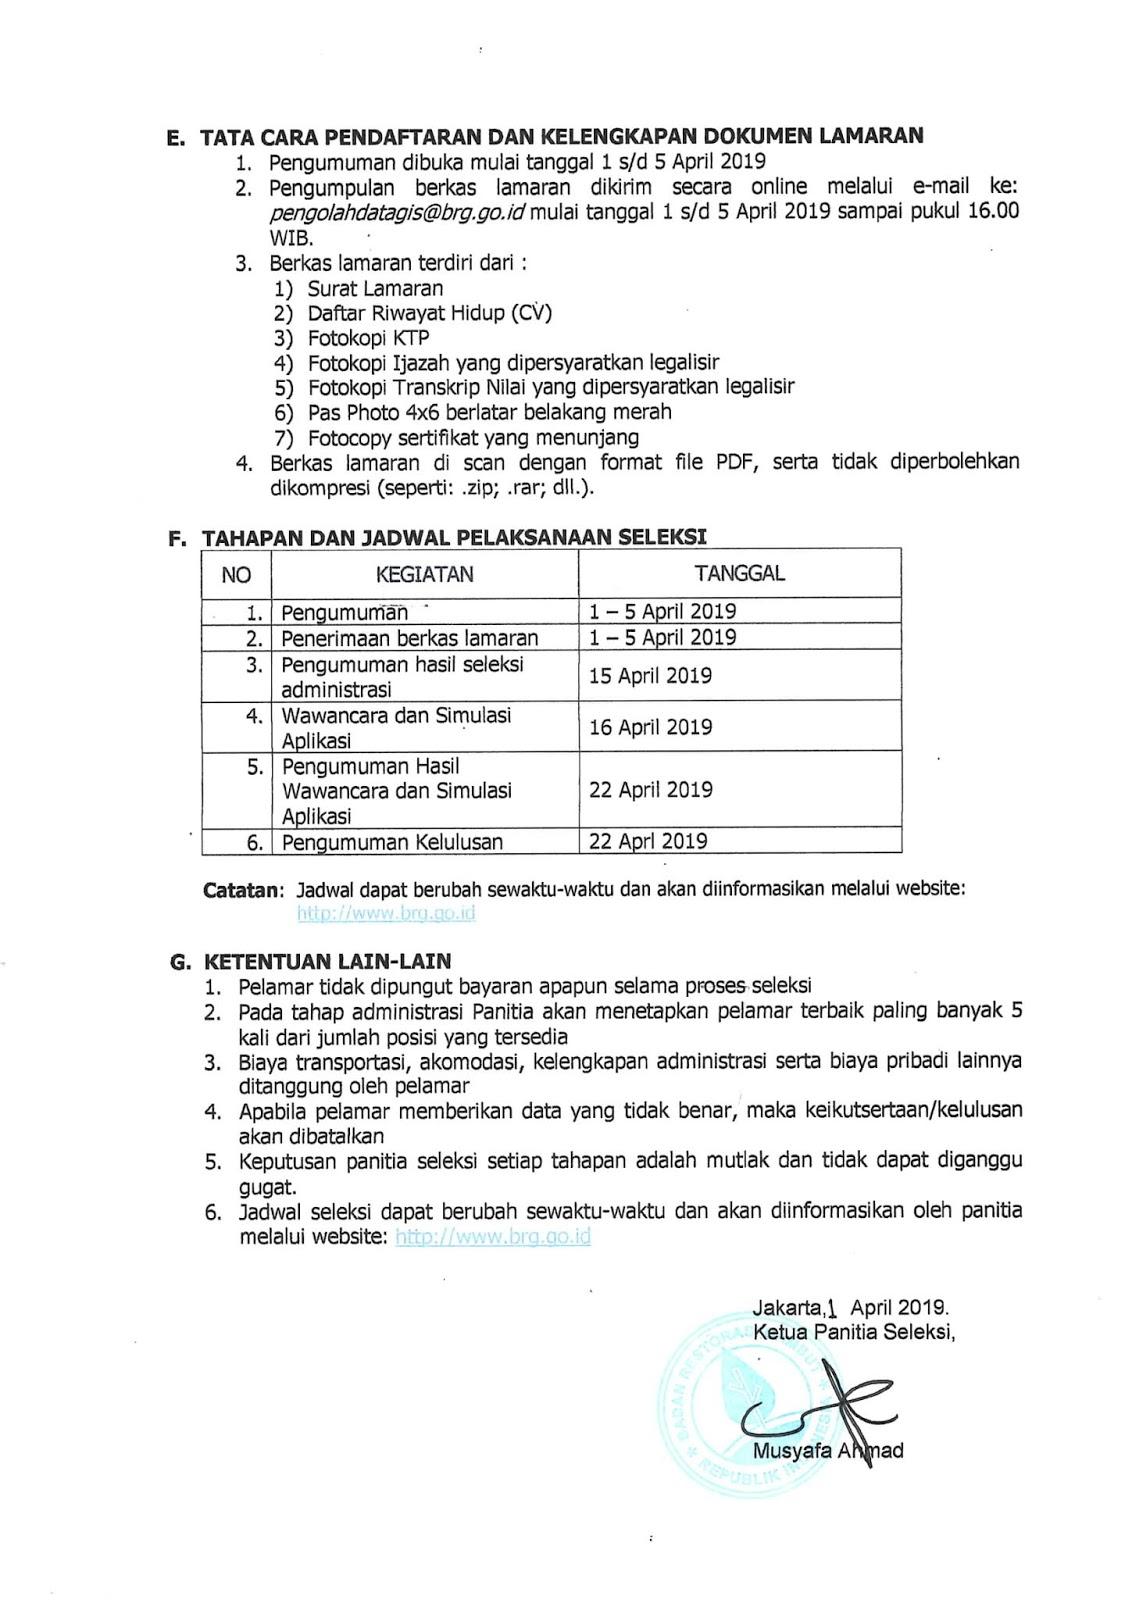 Badan Restorasi Gambut Republik Indonesia